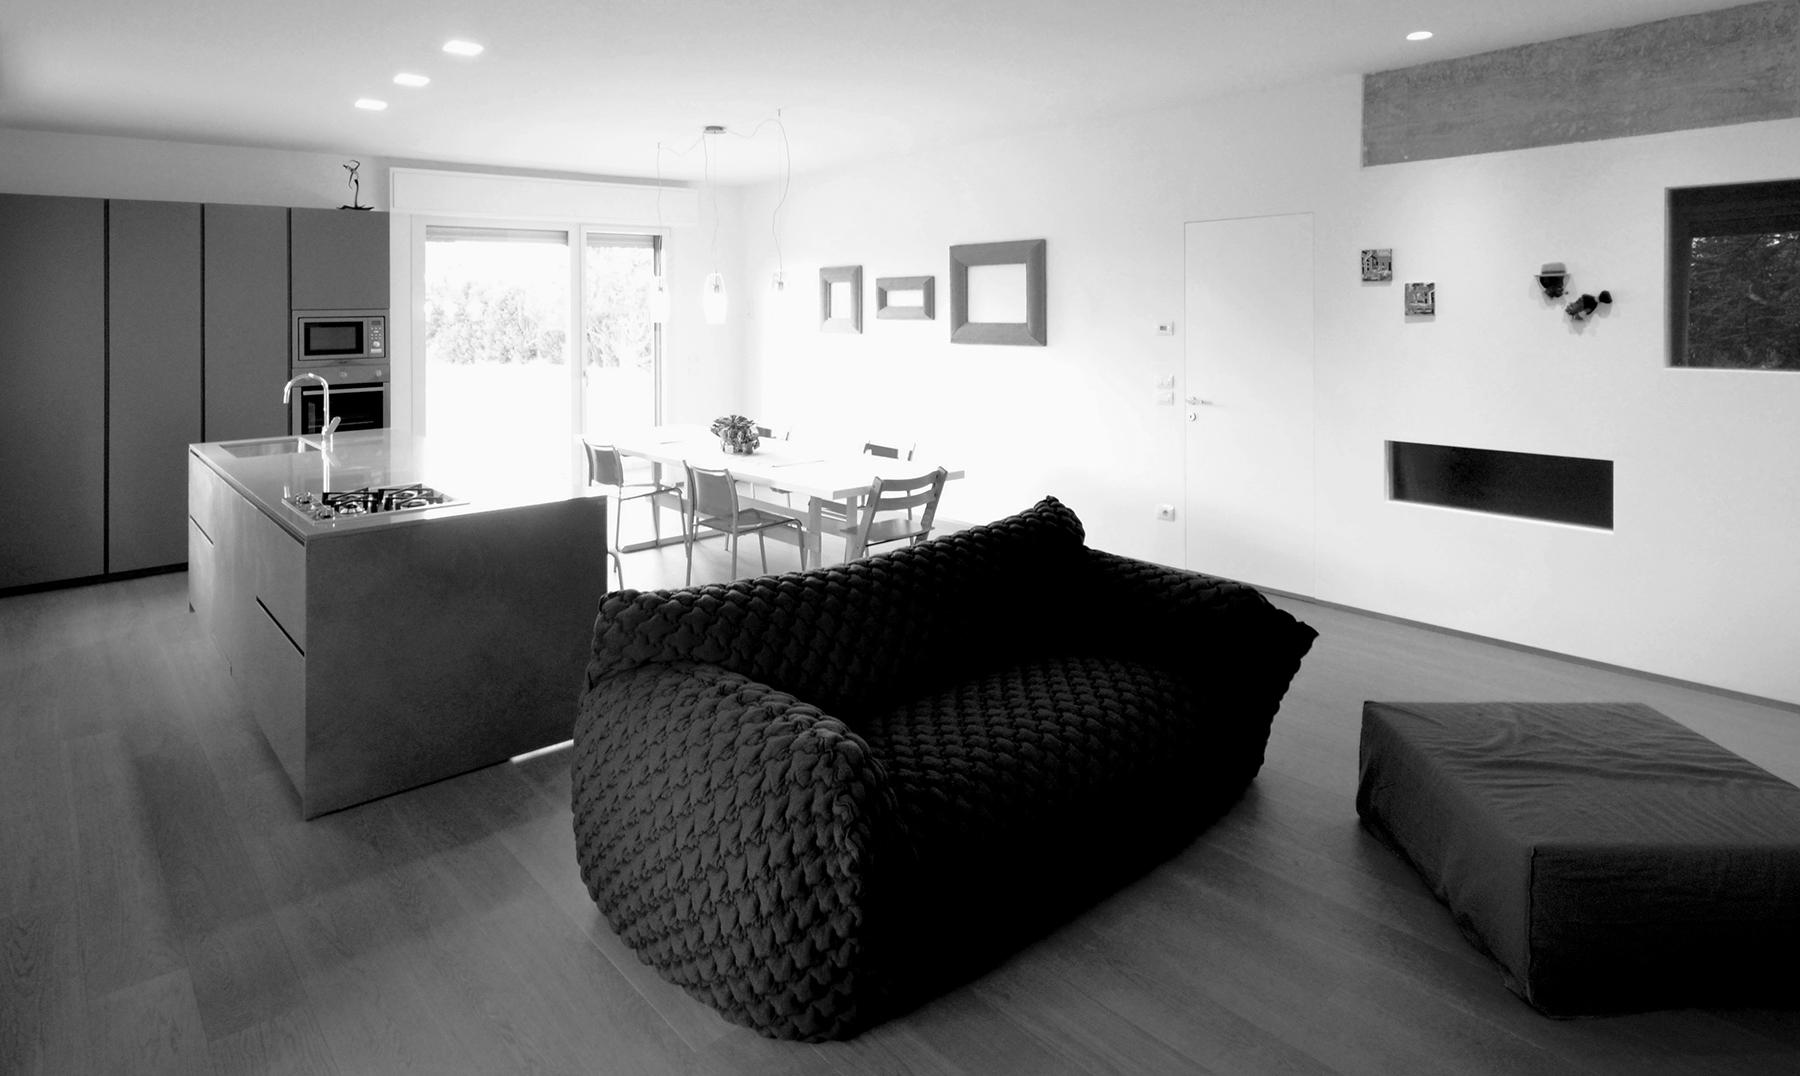 casa SP. la zona giorno, la cucina e la zona living